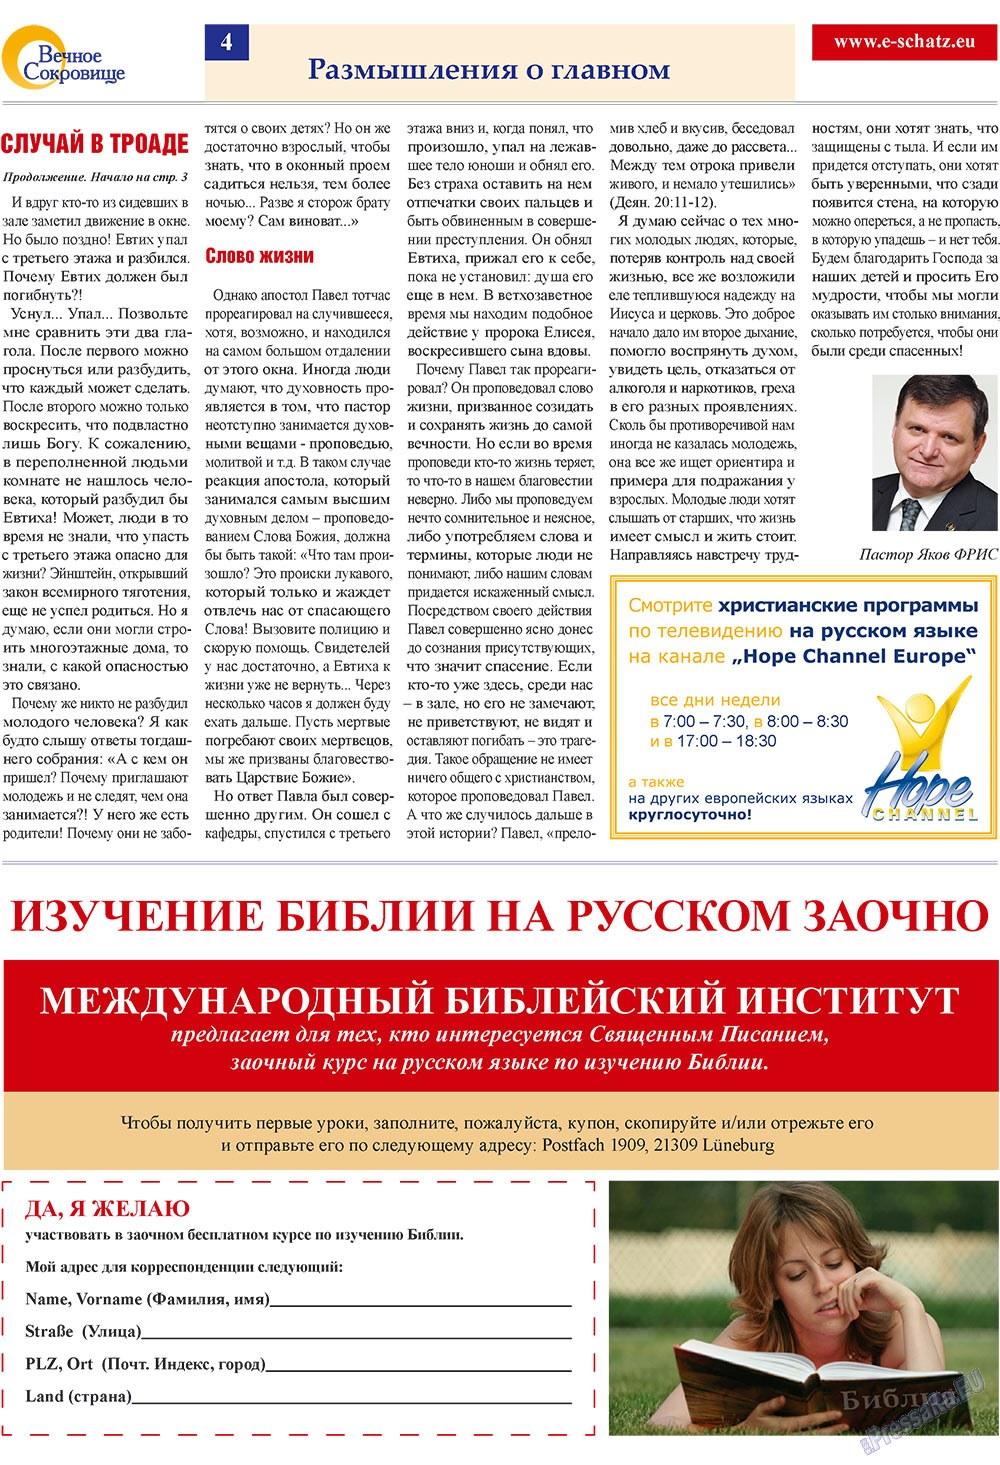 Вечное сокровище (газета). 2009 год, номер 3, стр. 4